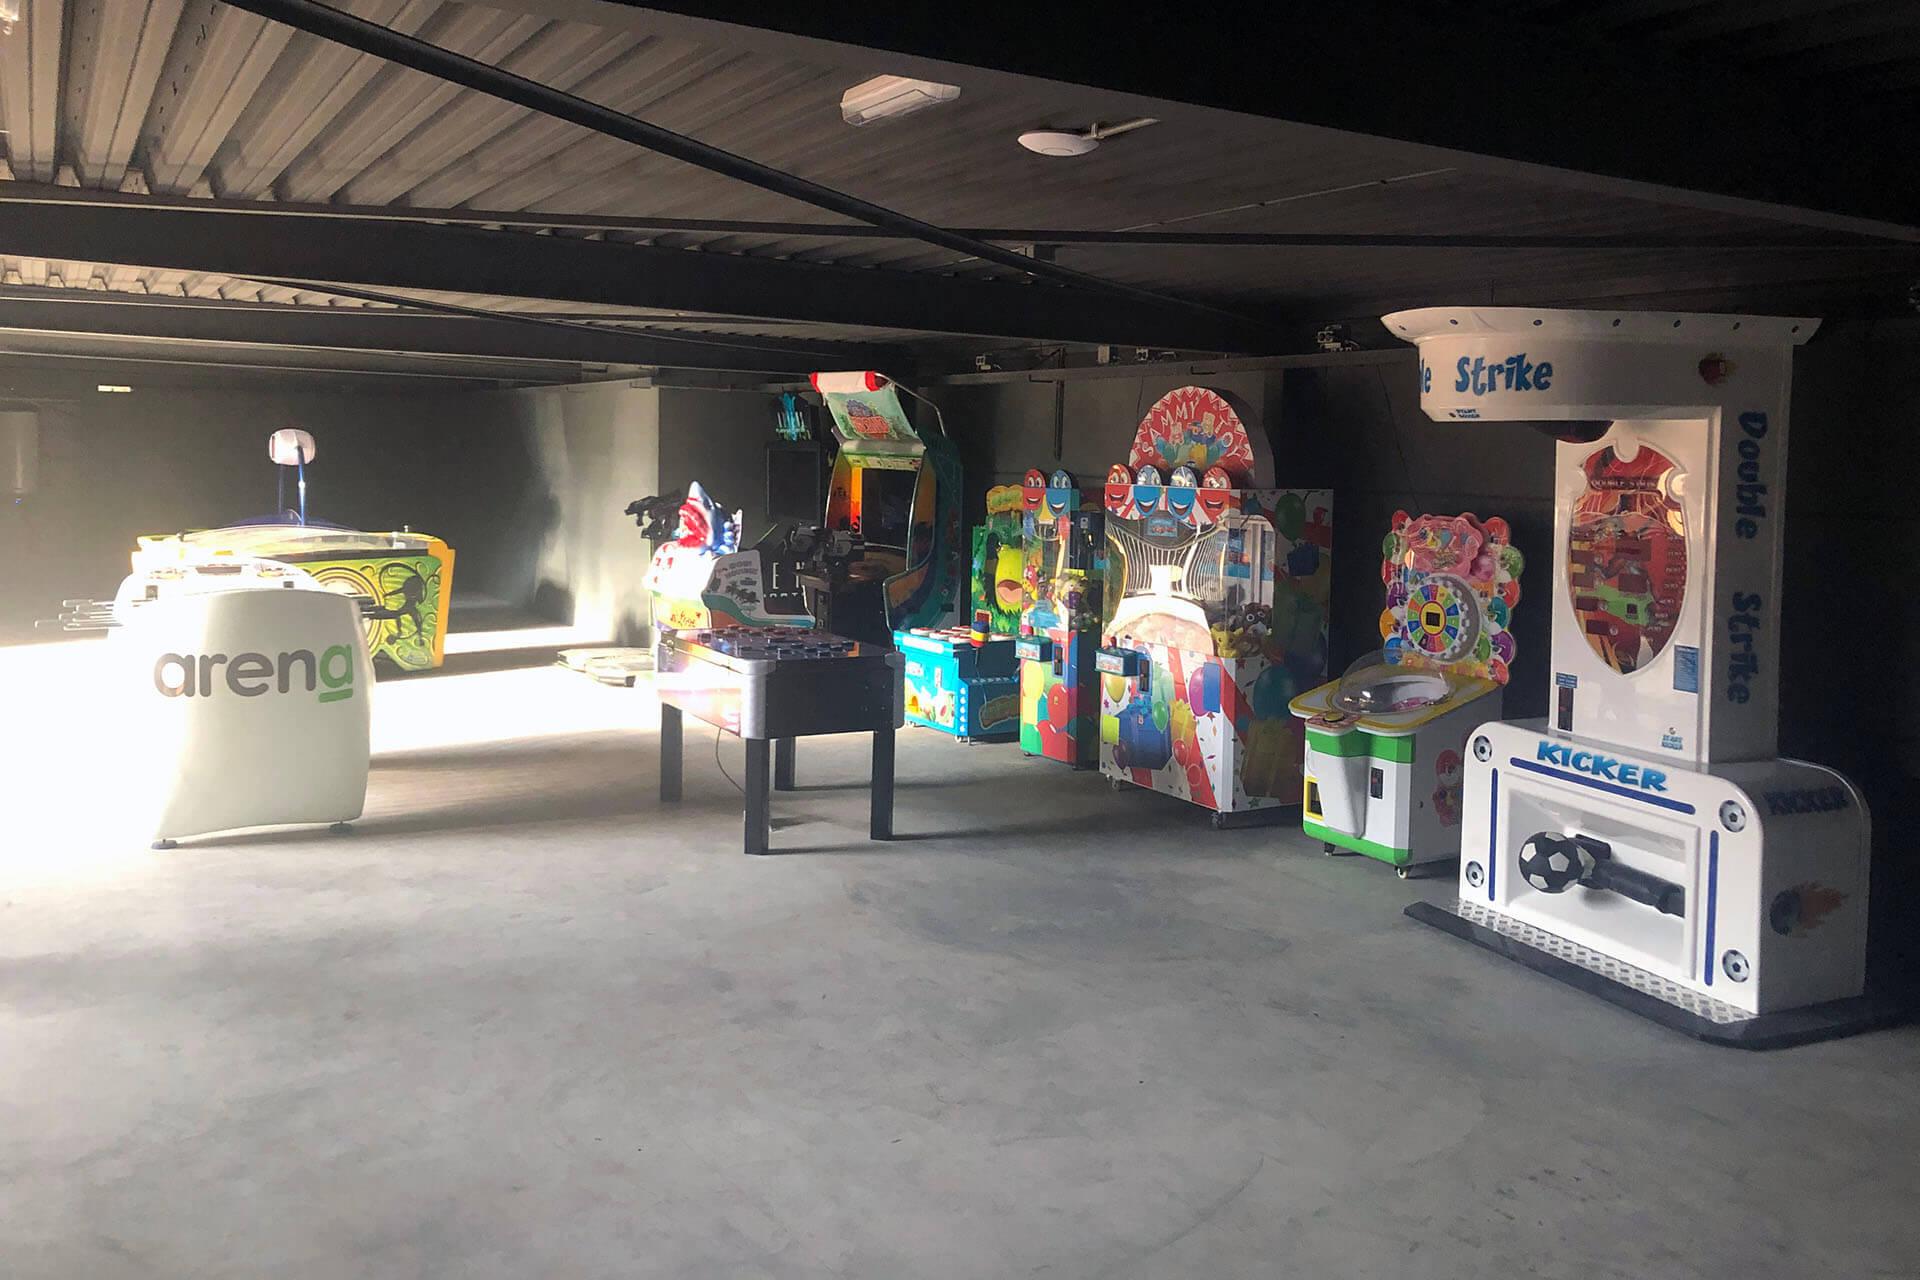 arcade-header